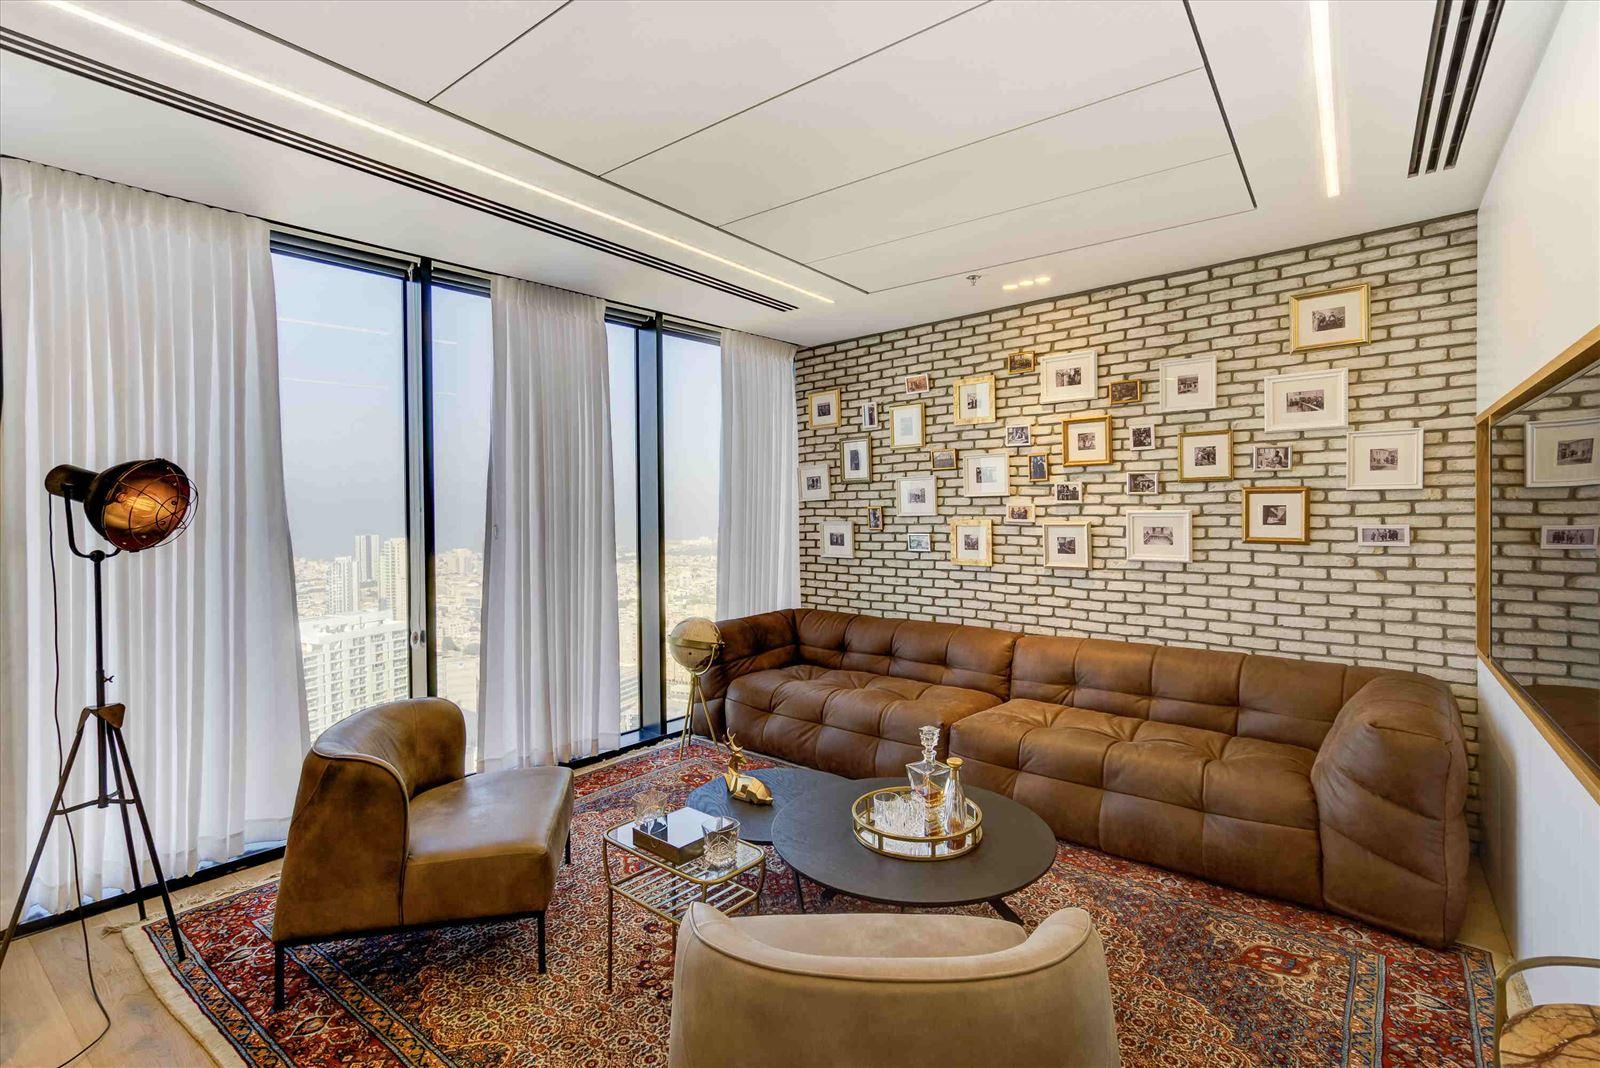 Pi Technology Office - עיצוב תאורה על ידי דורי קמחי